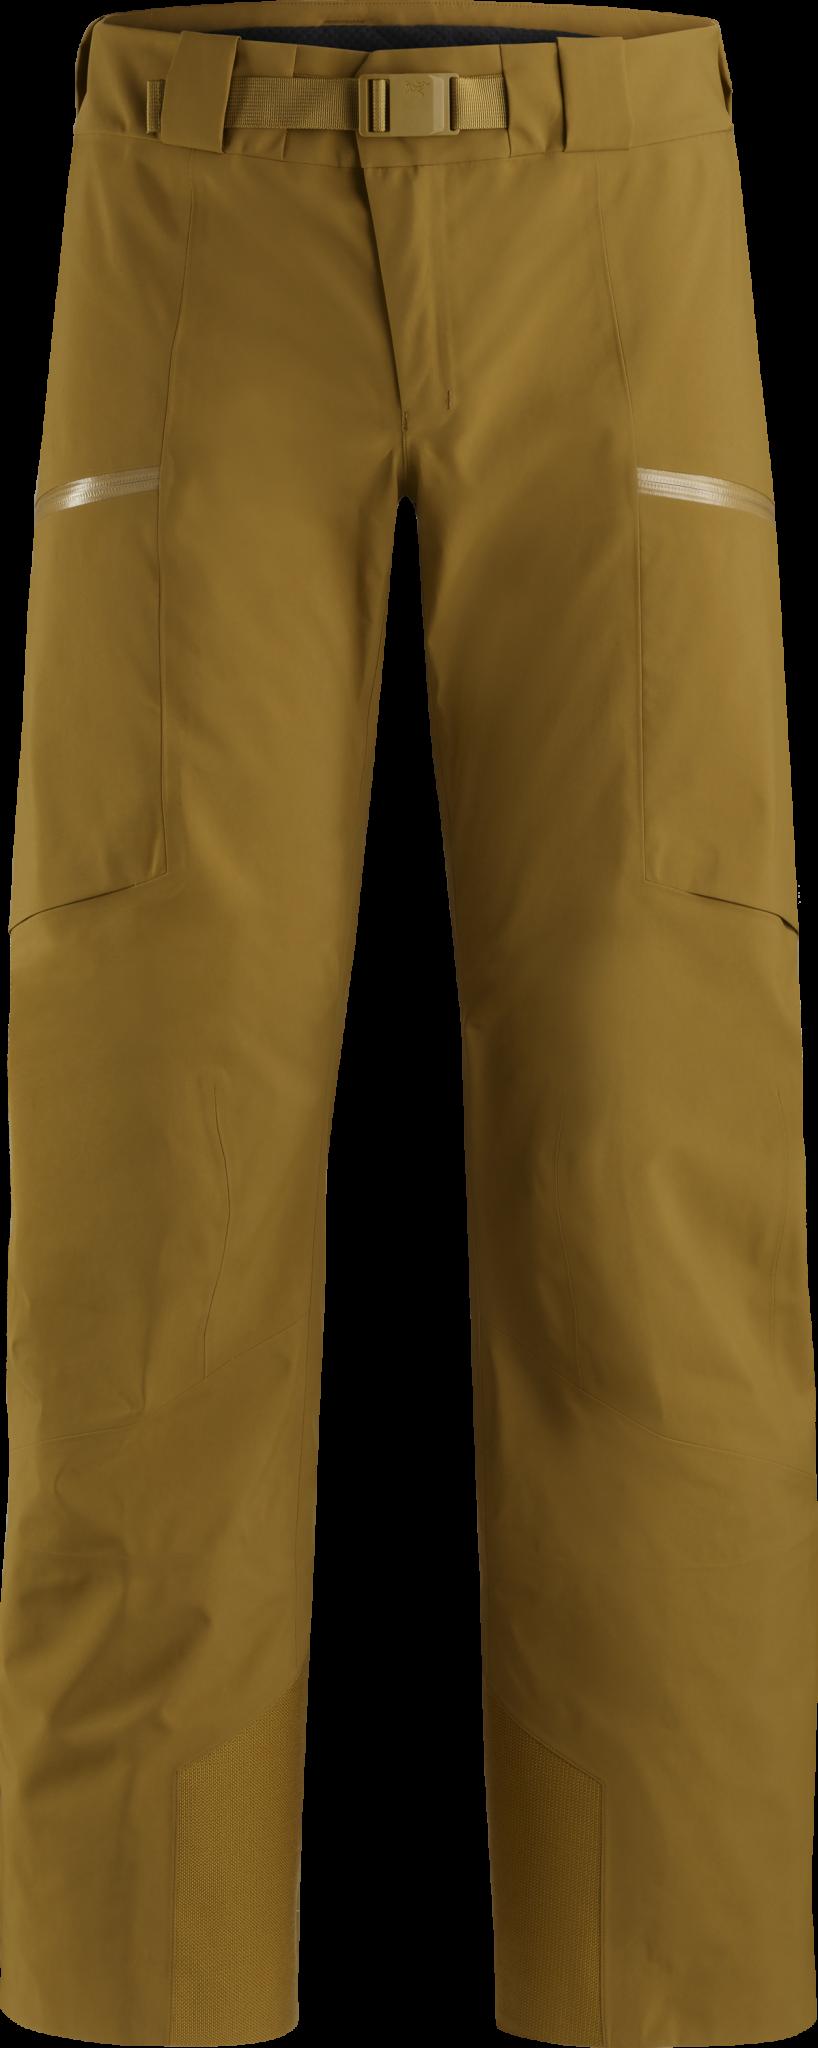 Arc'teryx Sabre AR Pant Men's-1